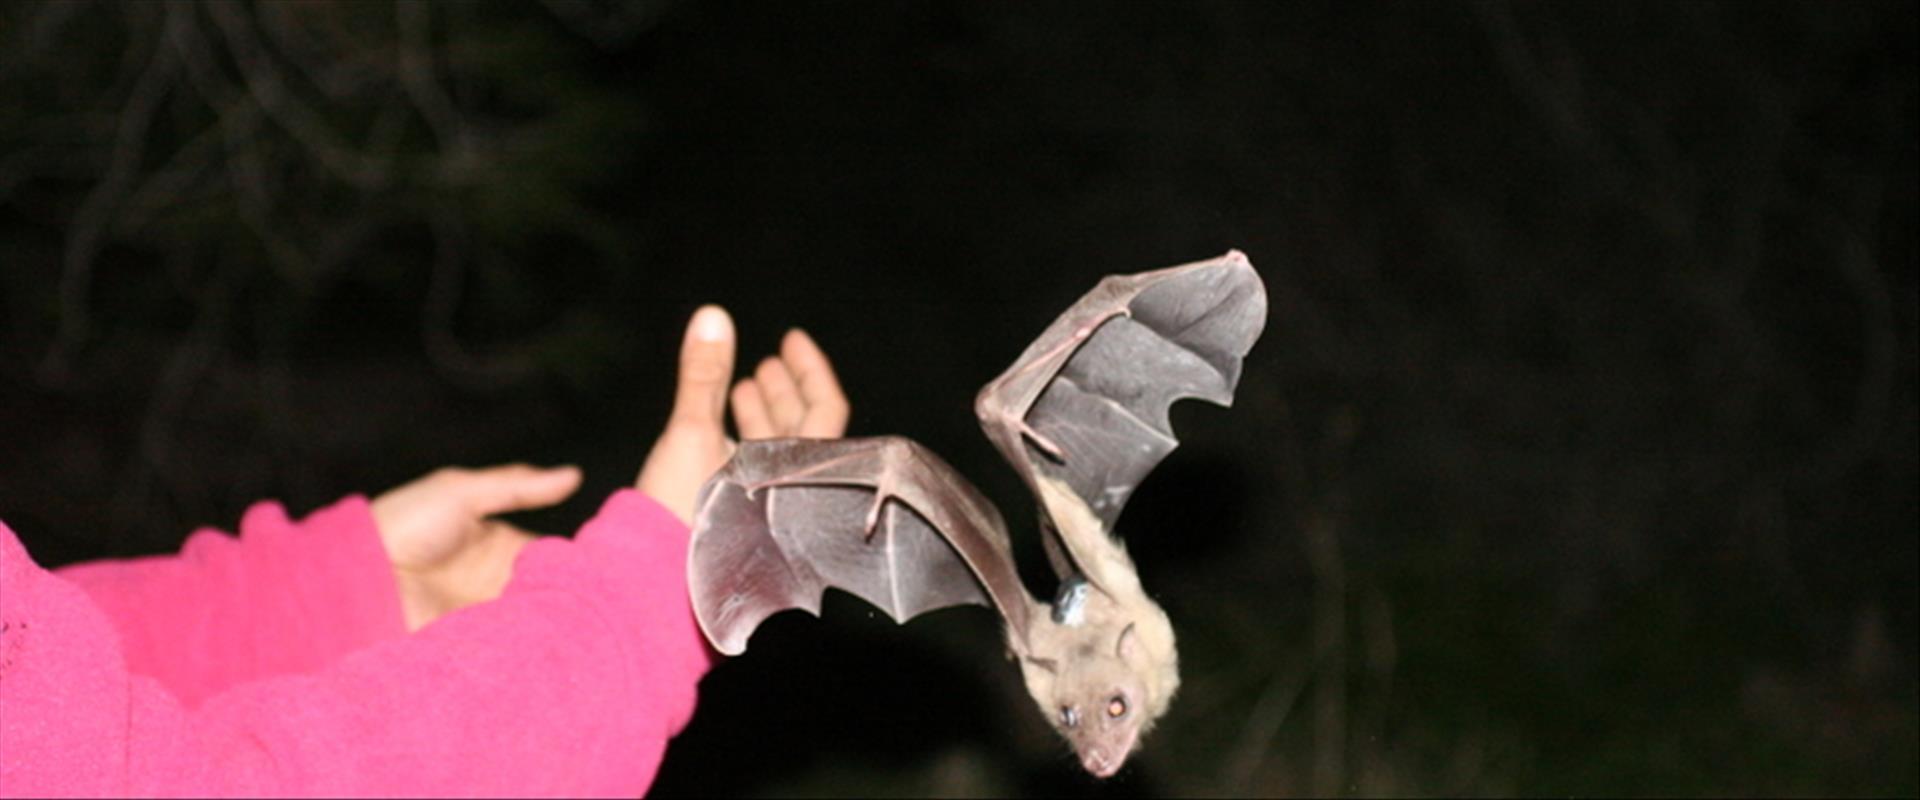 עטלף פירות מהמחקר